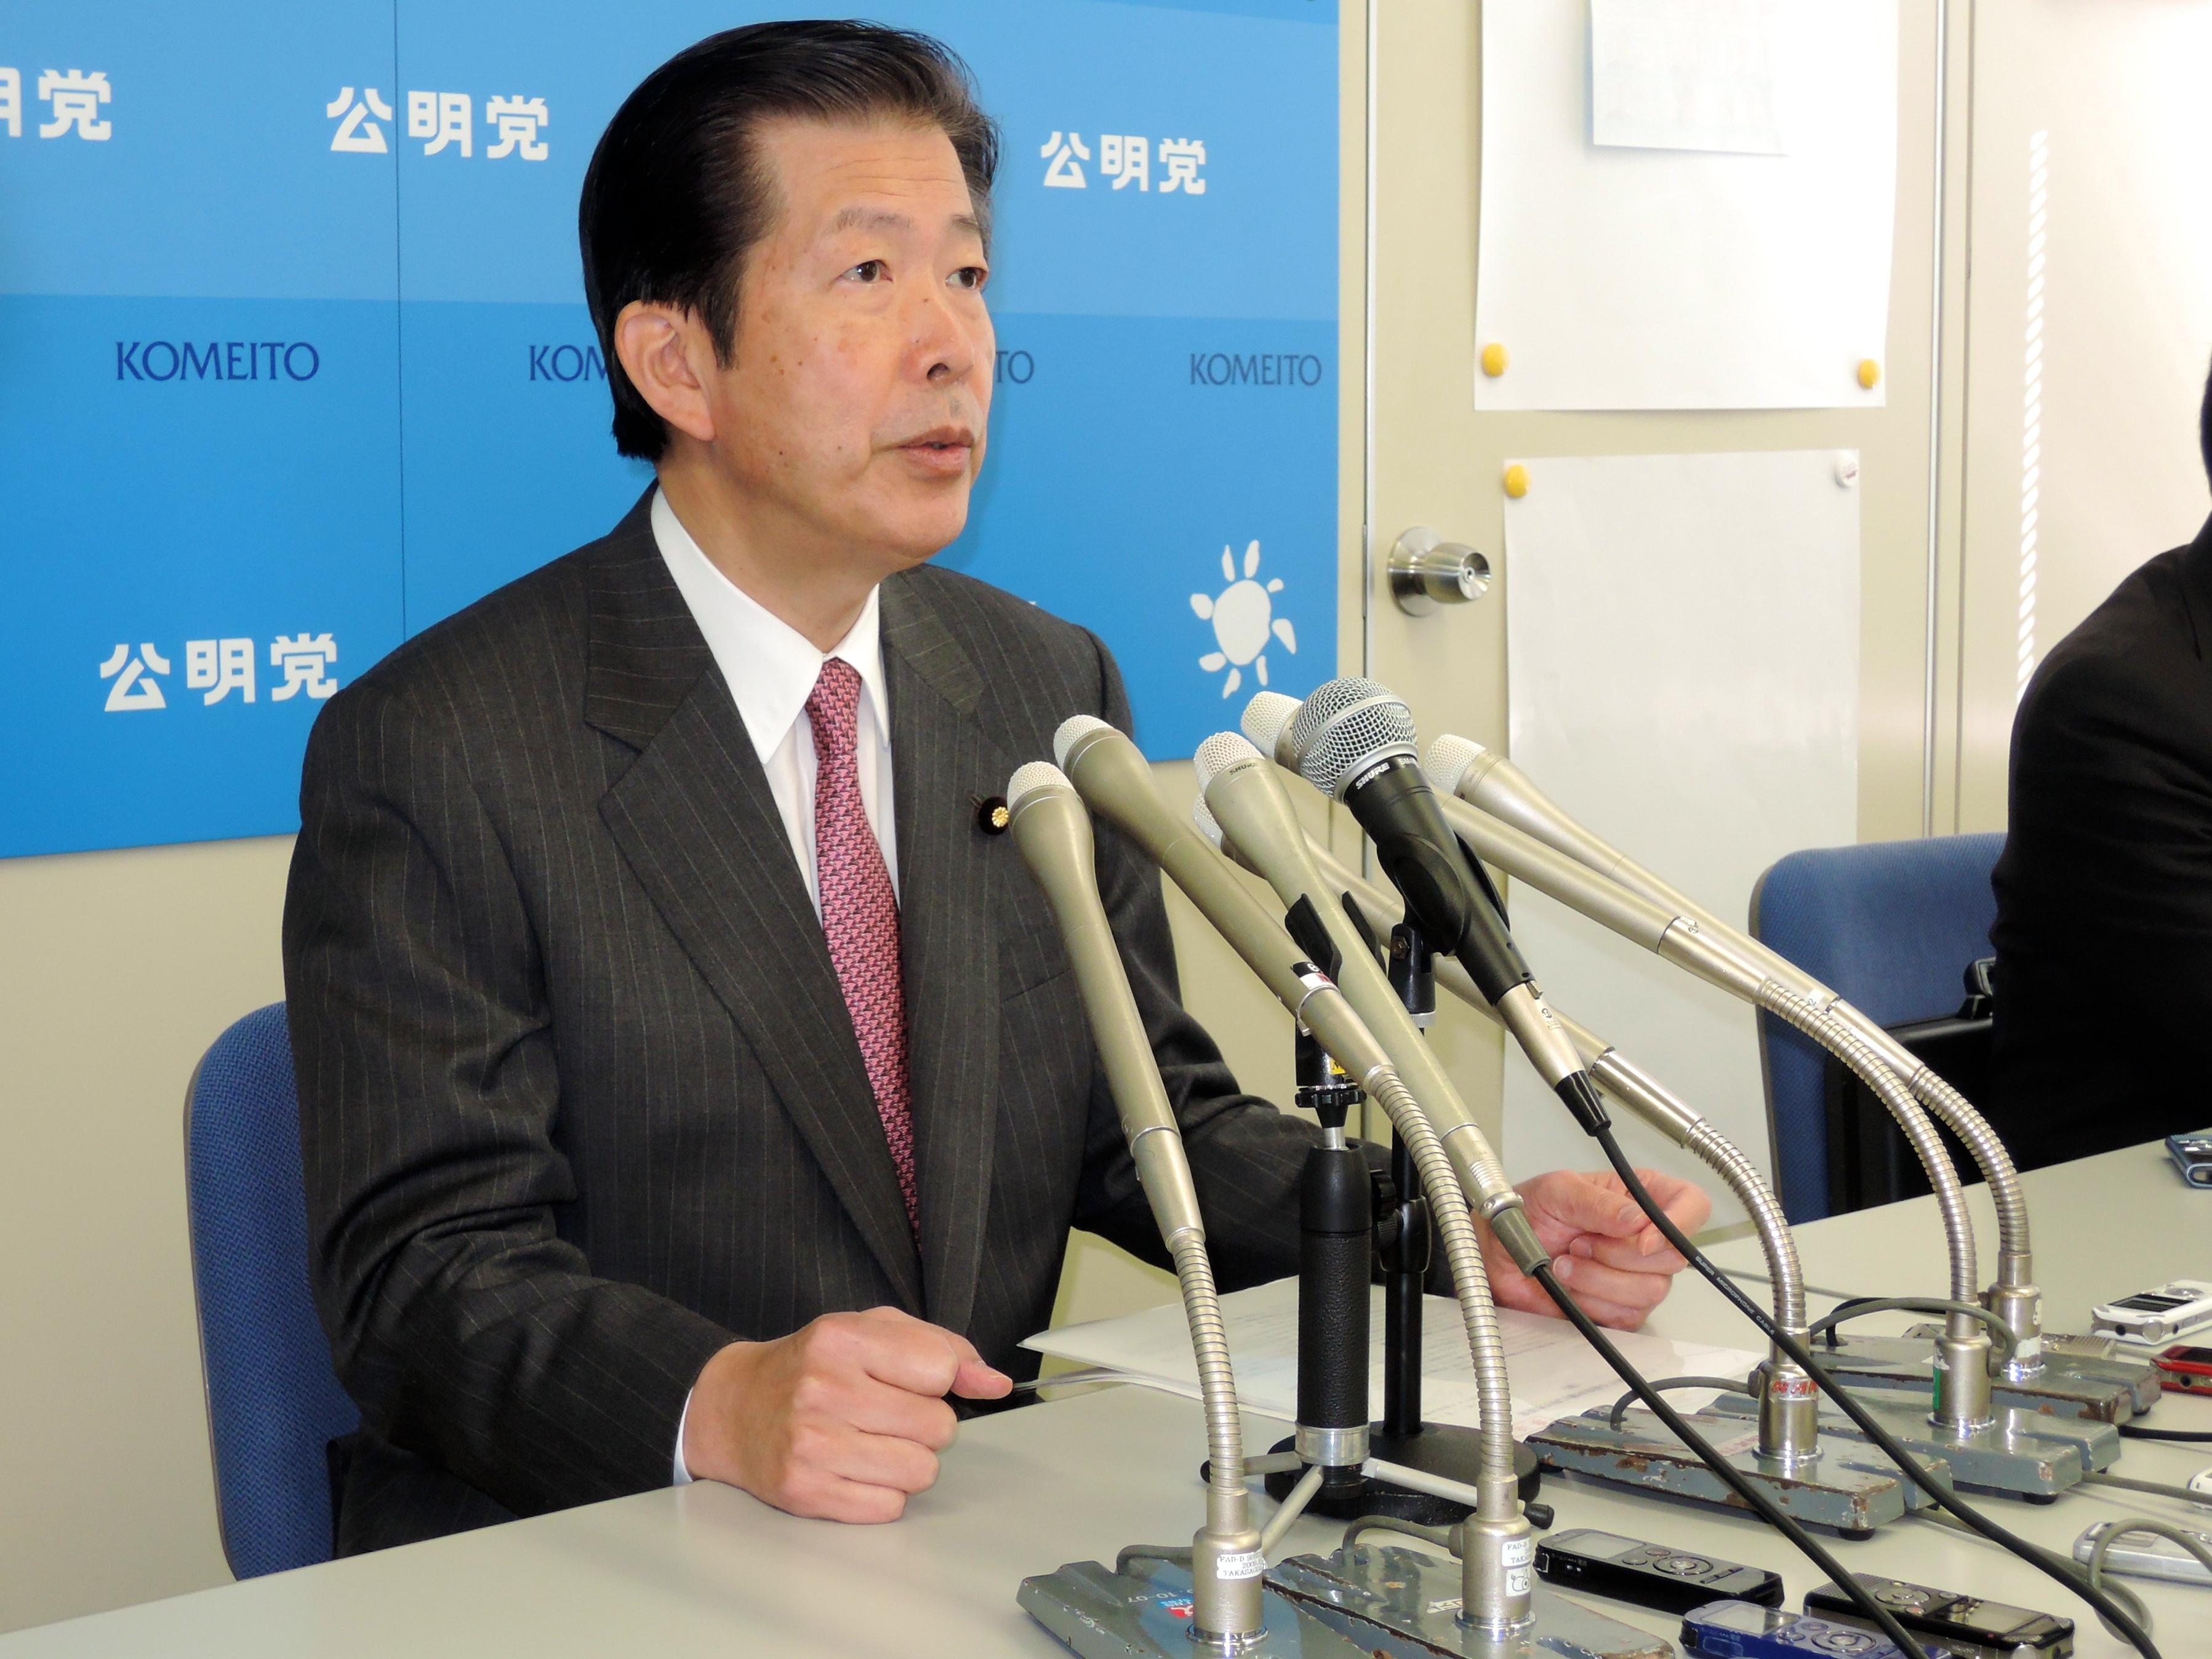 https://www.n-yamaguchi.gr.jp/news/DSCN7462.JPG